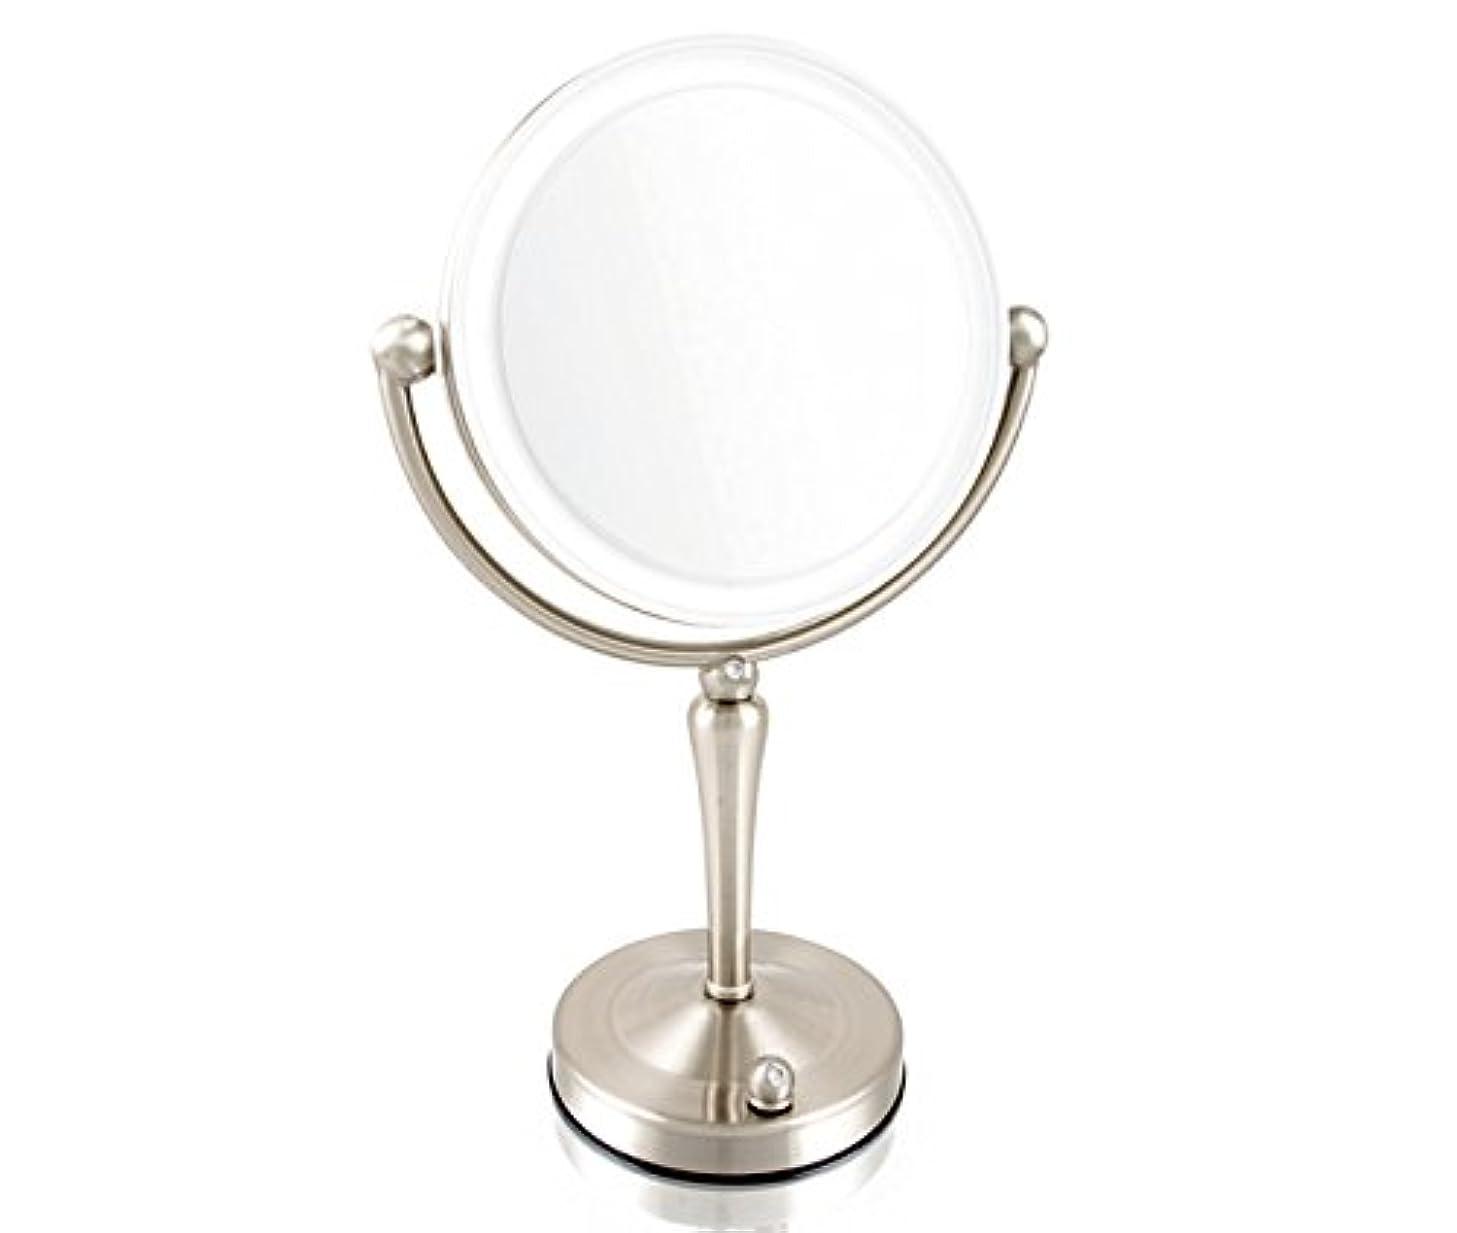 ユーモア伝染病オリエンタル安もの拡大鏡とは見え方が全く違います!拡大鏡 5倍拡大+等倍鏡+LEDライト付き 真実の鏡DX 両面Z型 ブロンズ調 人気No.1両面型を真鍮仕上げとジルコニアで高級感UP。シミ?しわ?たるみ?毛穴が驚くほど良く見える拡大鏡...